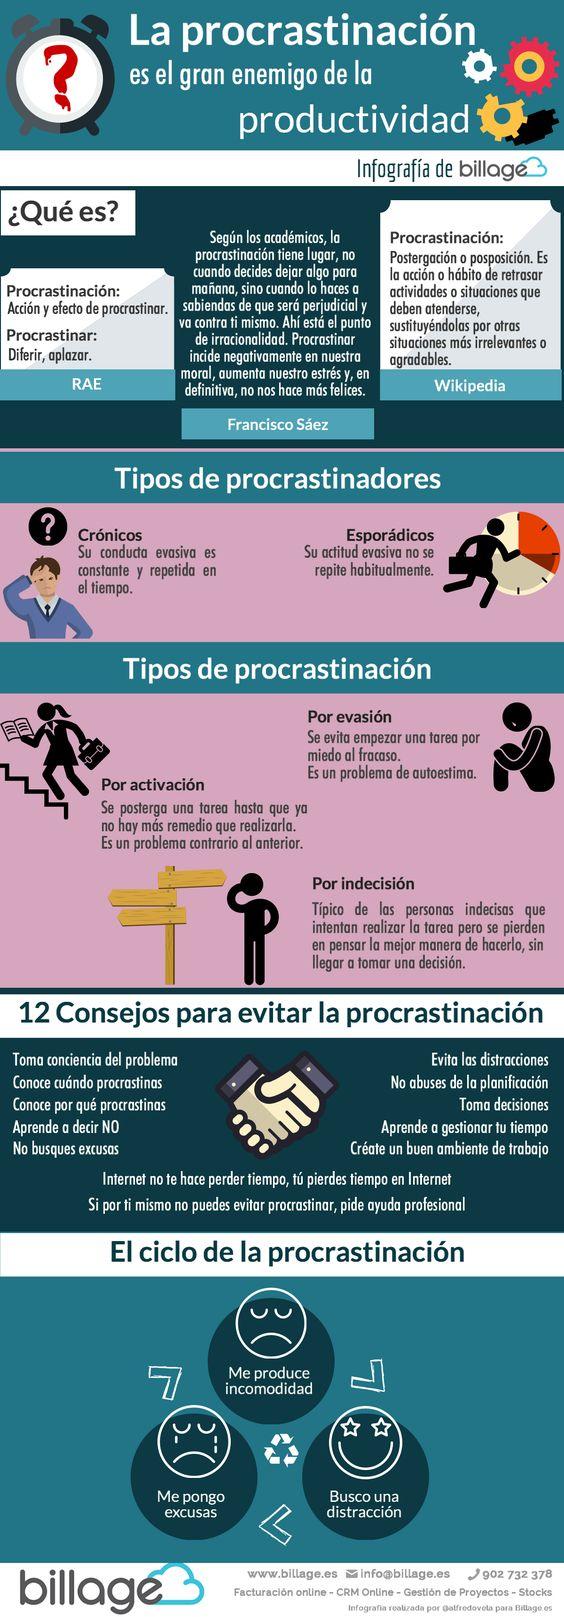 Procrastinación: el gran enemigo de la Productividad #infografia: